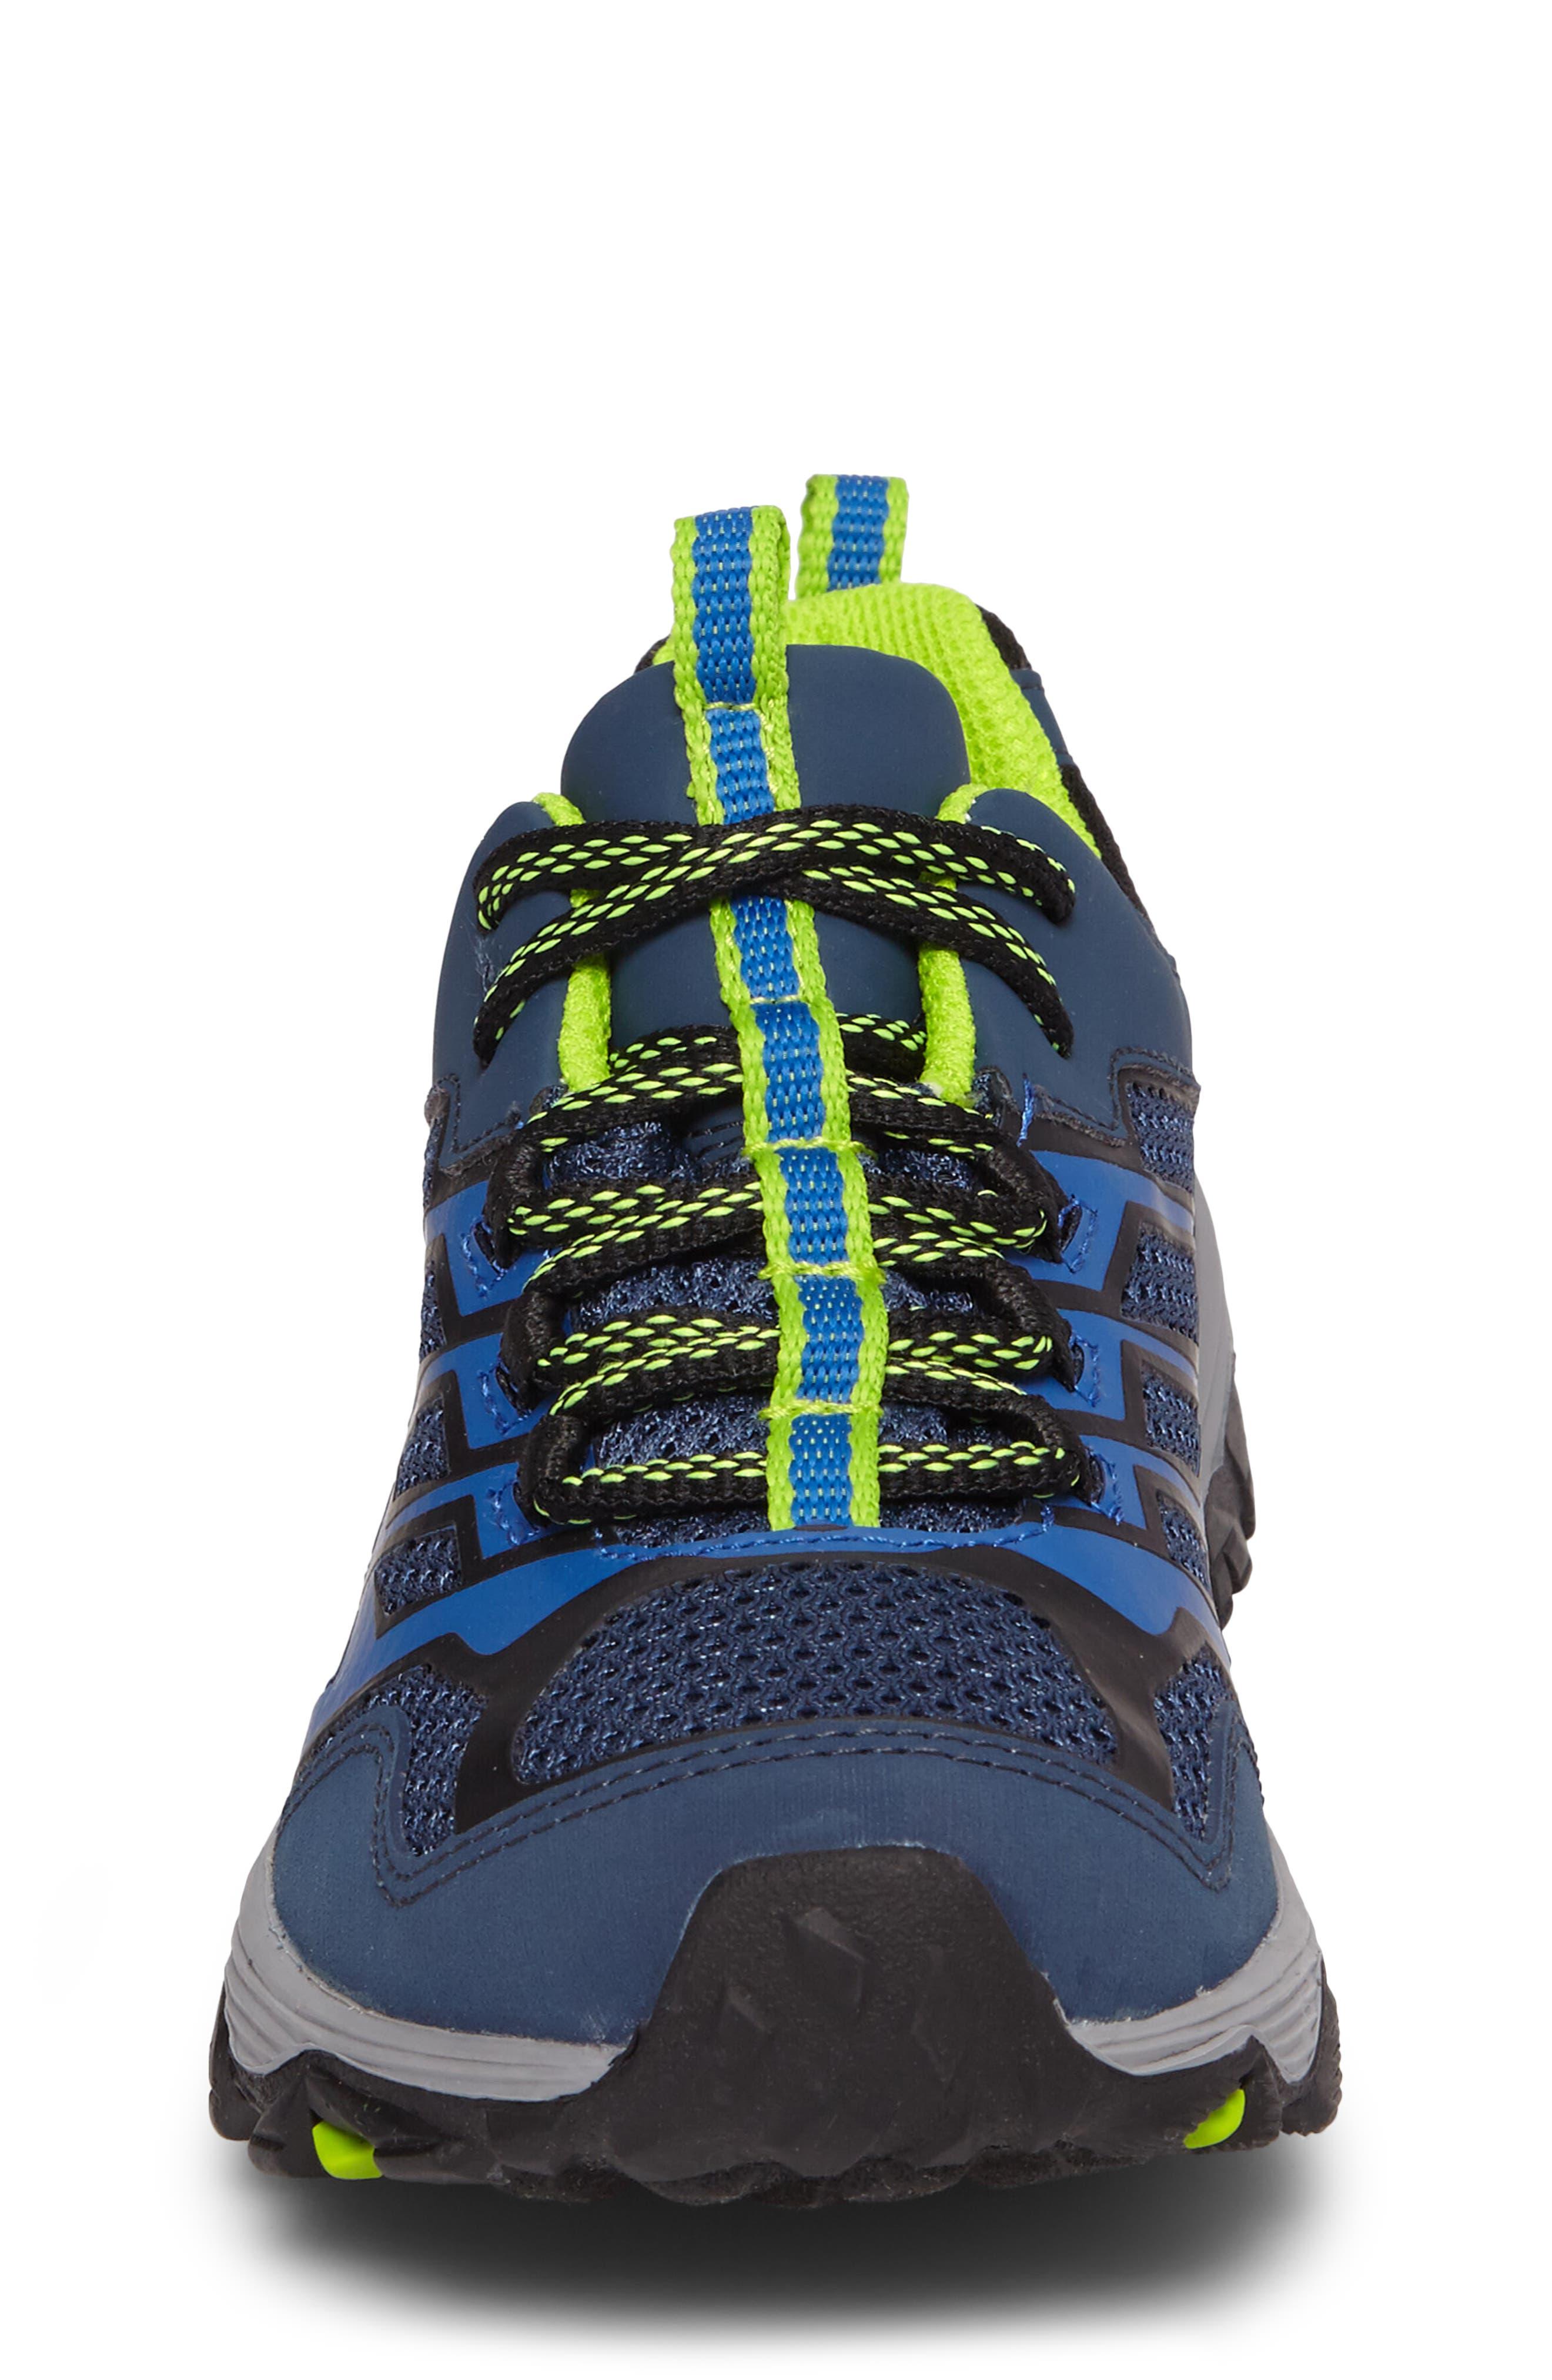 Moab FST Polar Low Waterproof Sneaker,                             Alternate thumbnail 4, color,                             NAVY/ BLUE